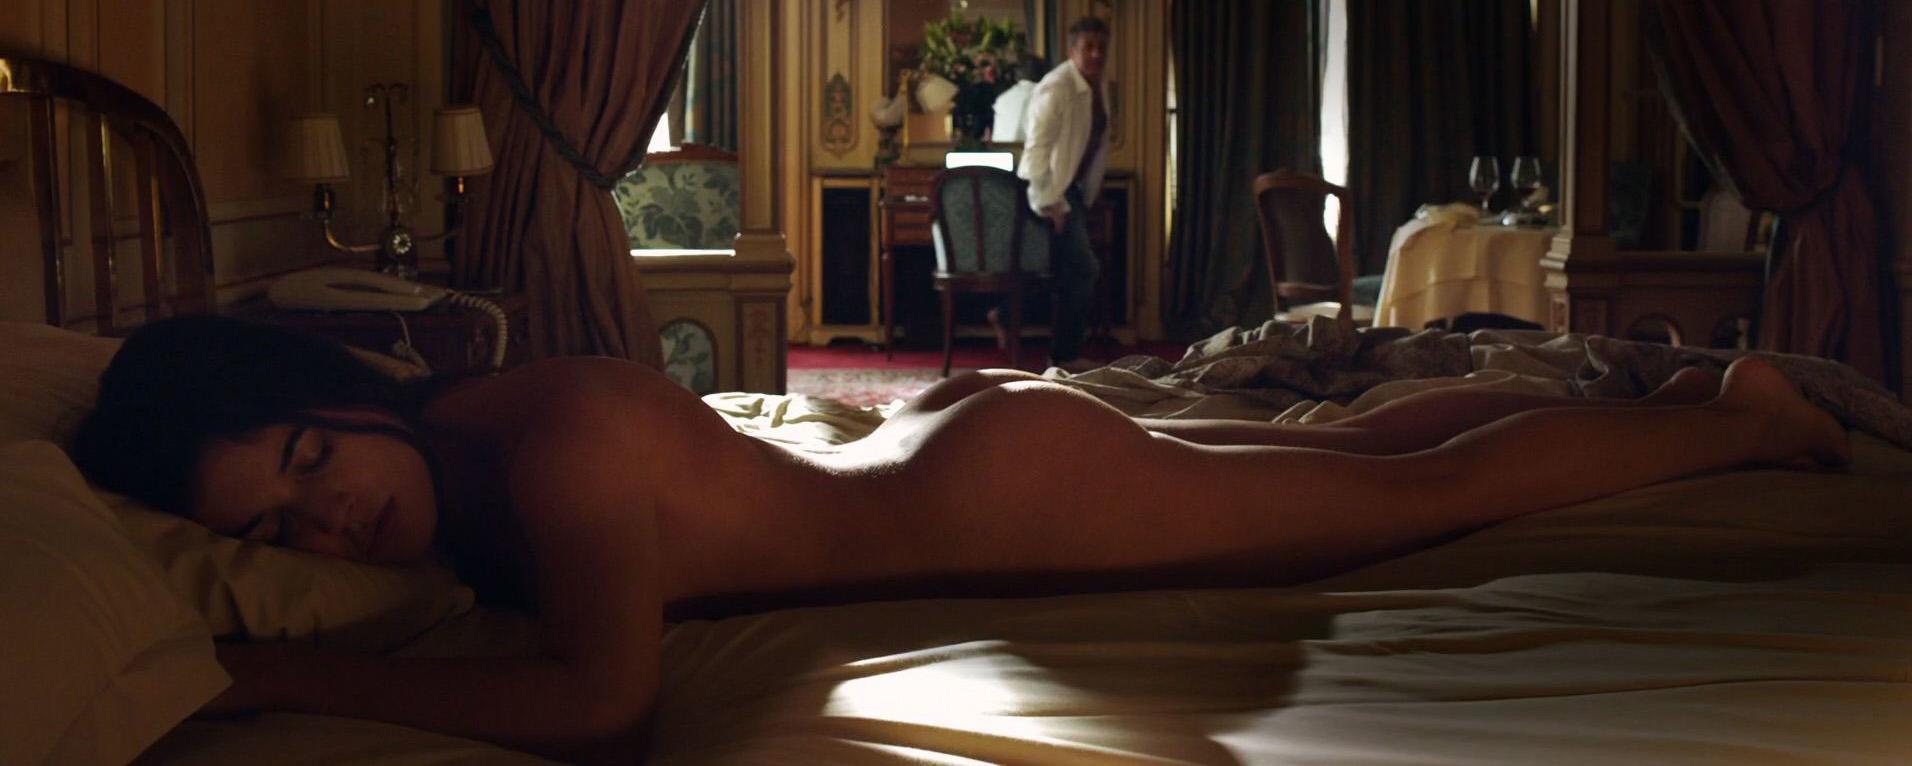 Prepárate para ver las deliciosas fotos de Adriana Ugarte completamente desnuda